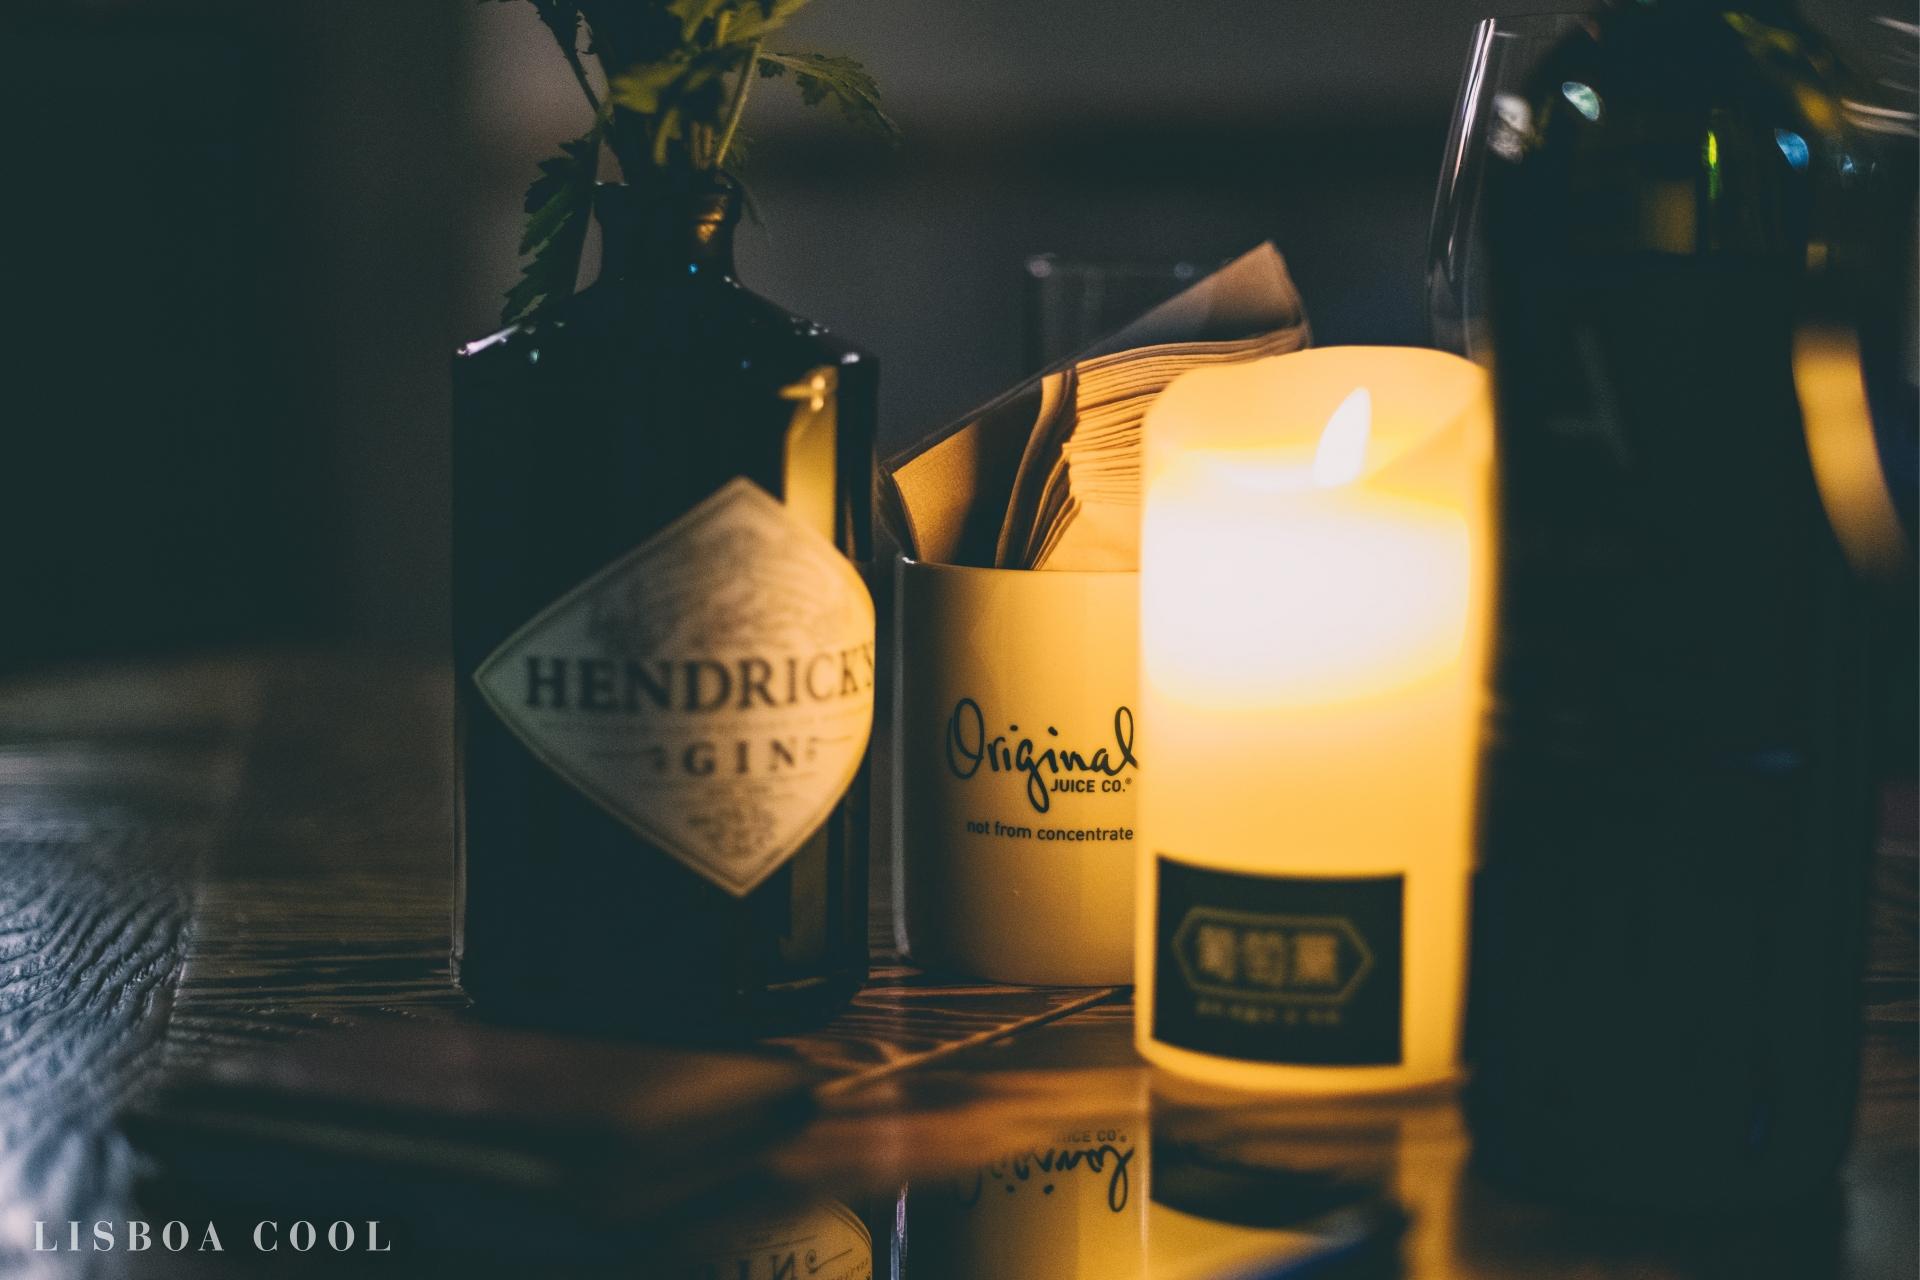 LisboaCool_Blog_Bem-vindos à Hendrick's Cocktail Expedition!